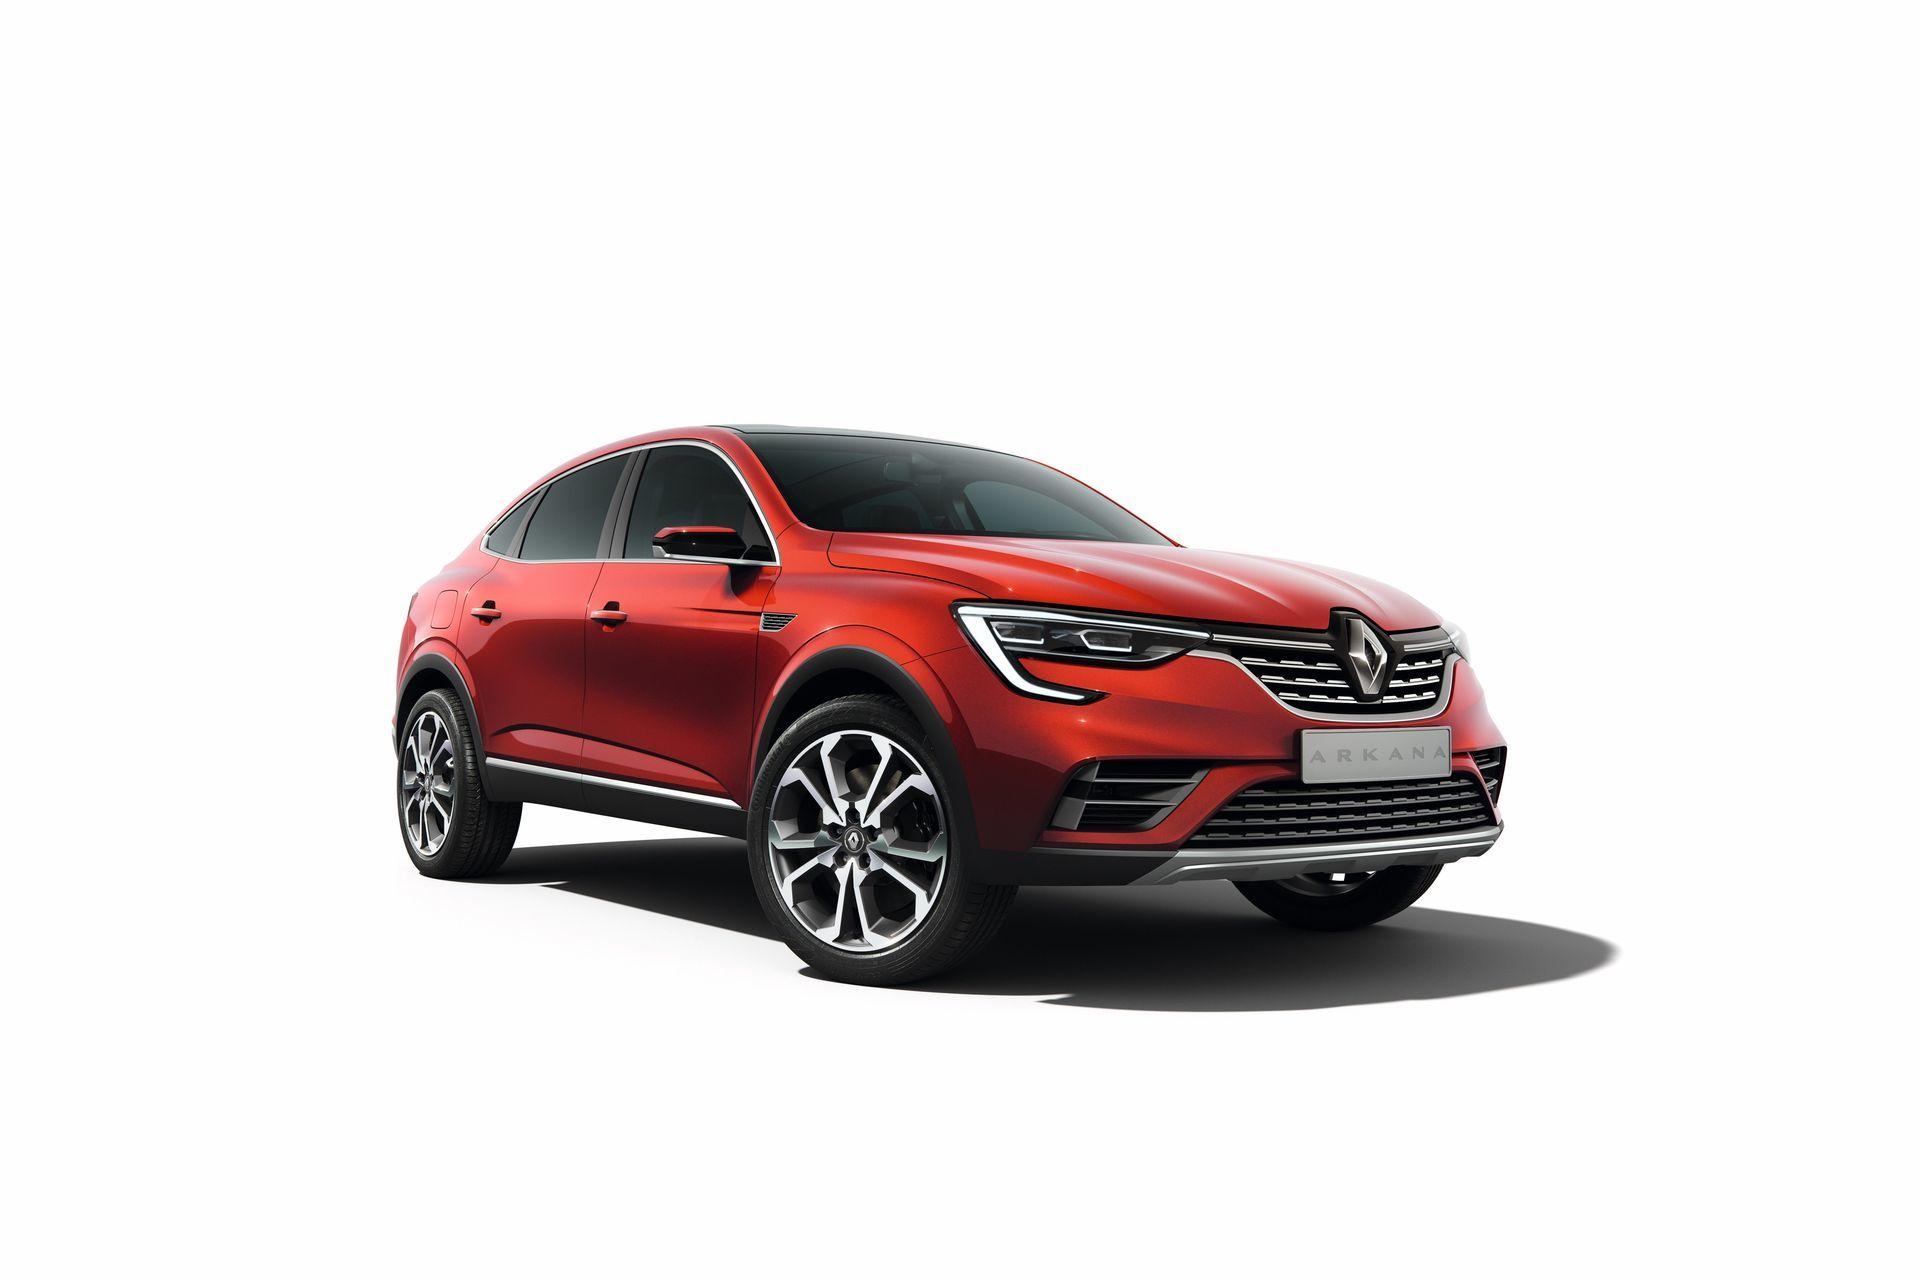 2018 Show Car Renault Arkana